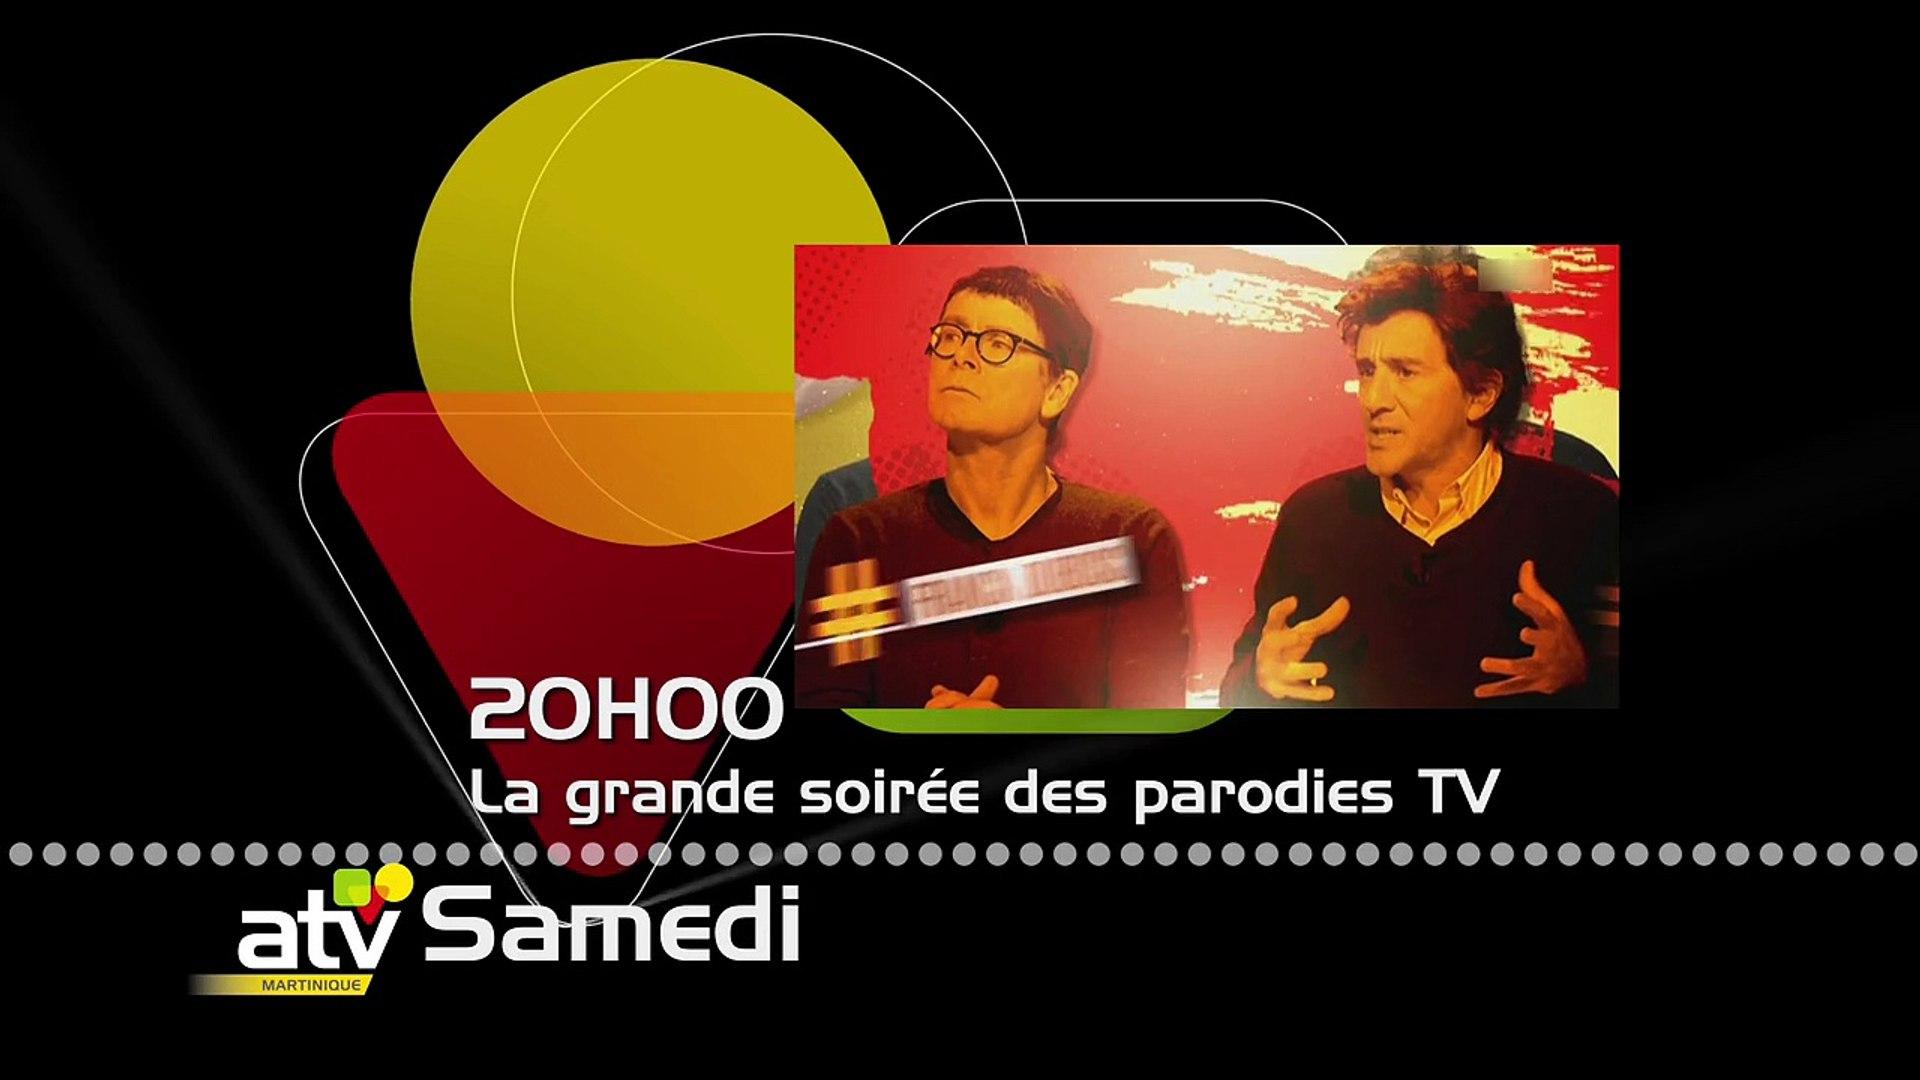 La grande soirée des parodies TV 071115